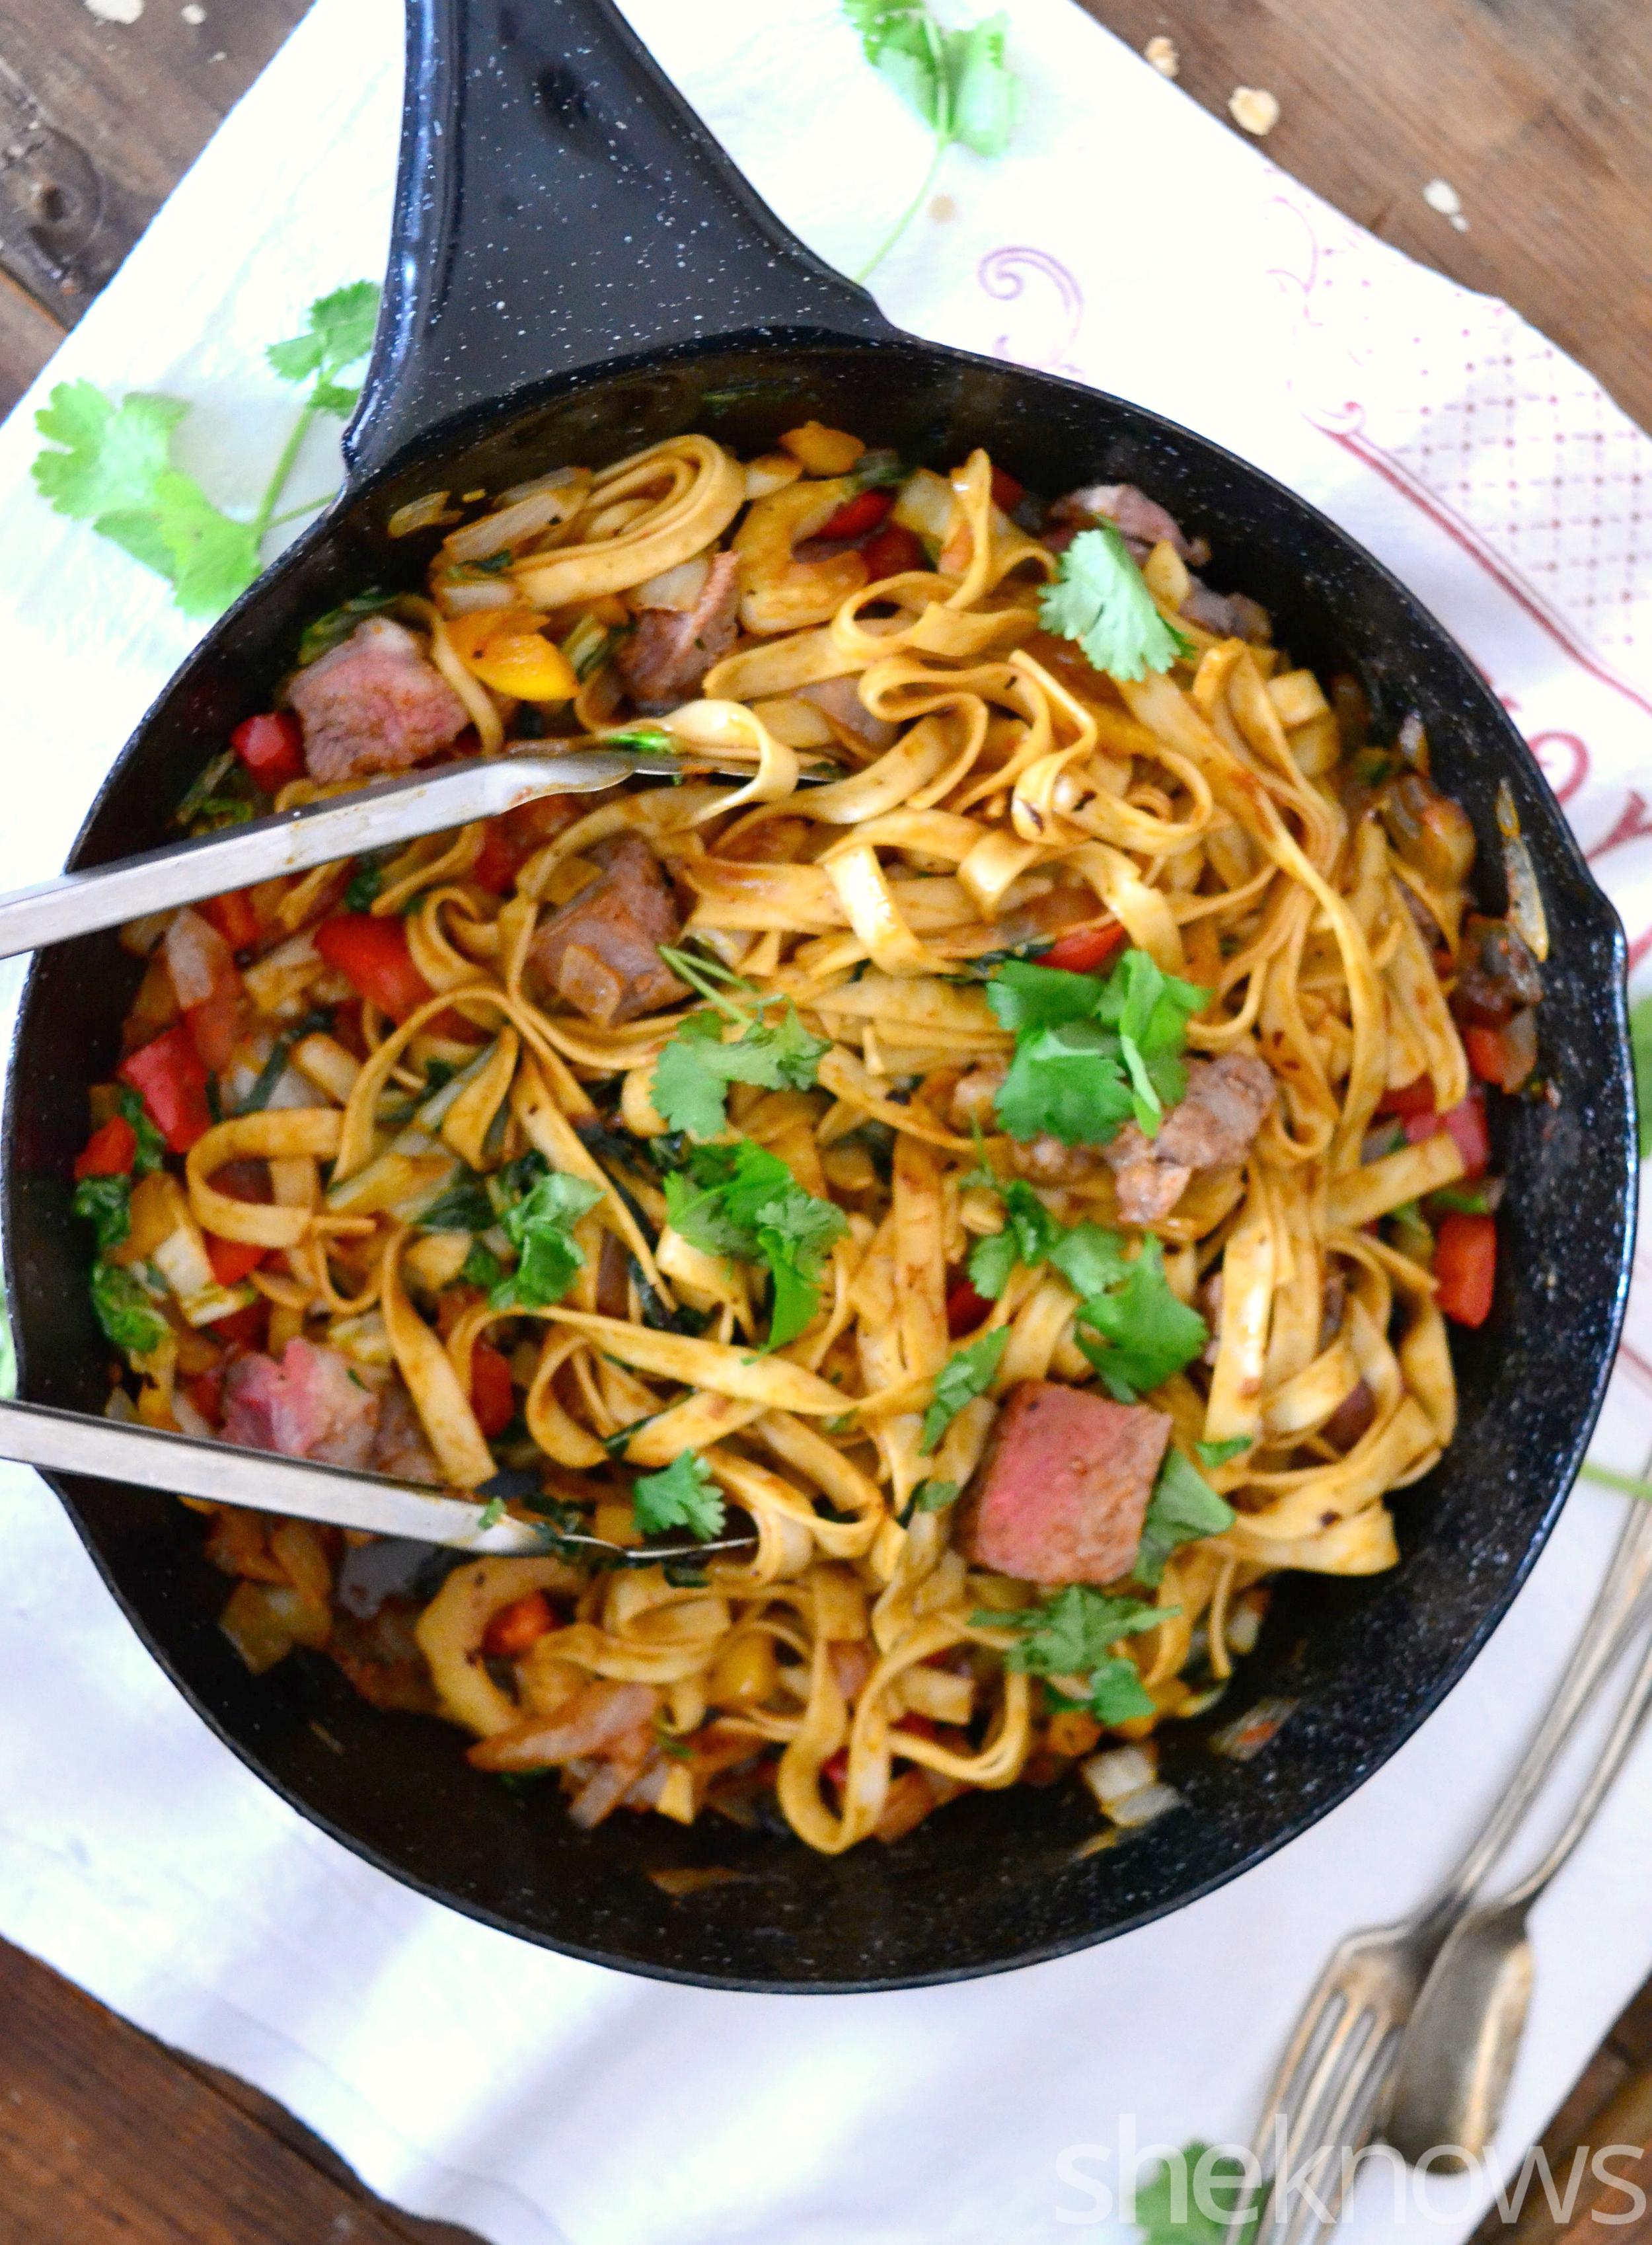 Malaysian lamb stir-fry